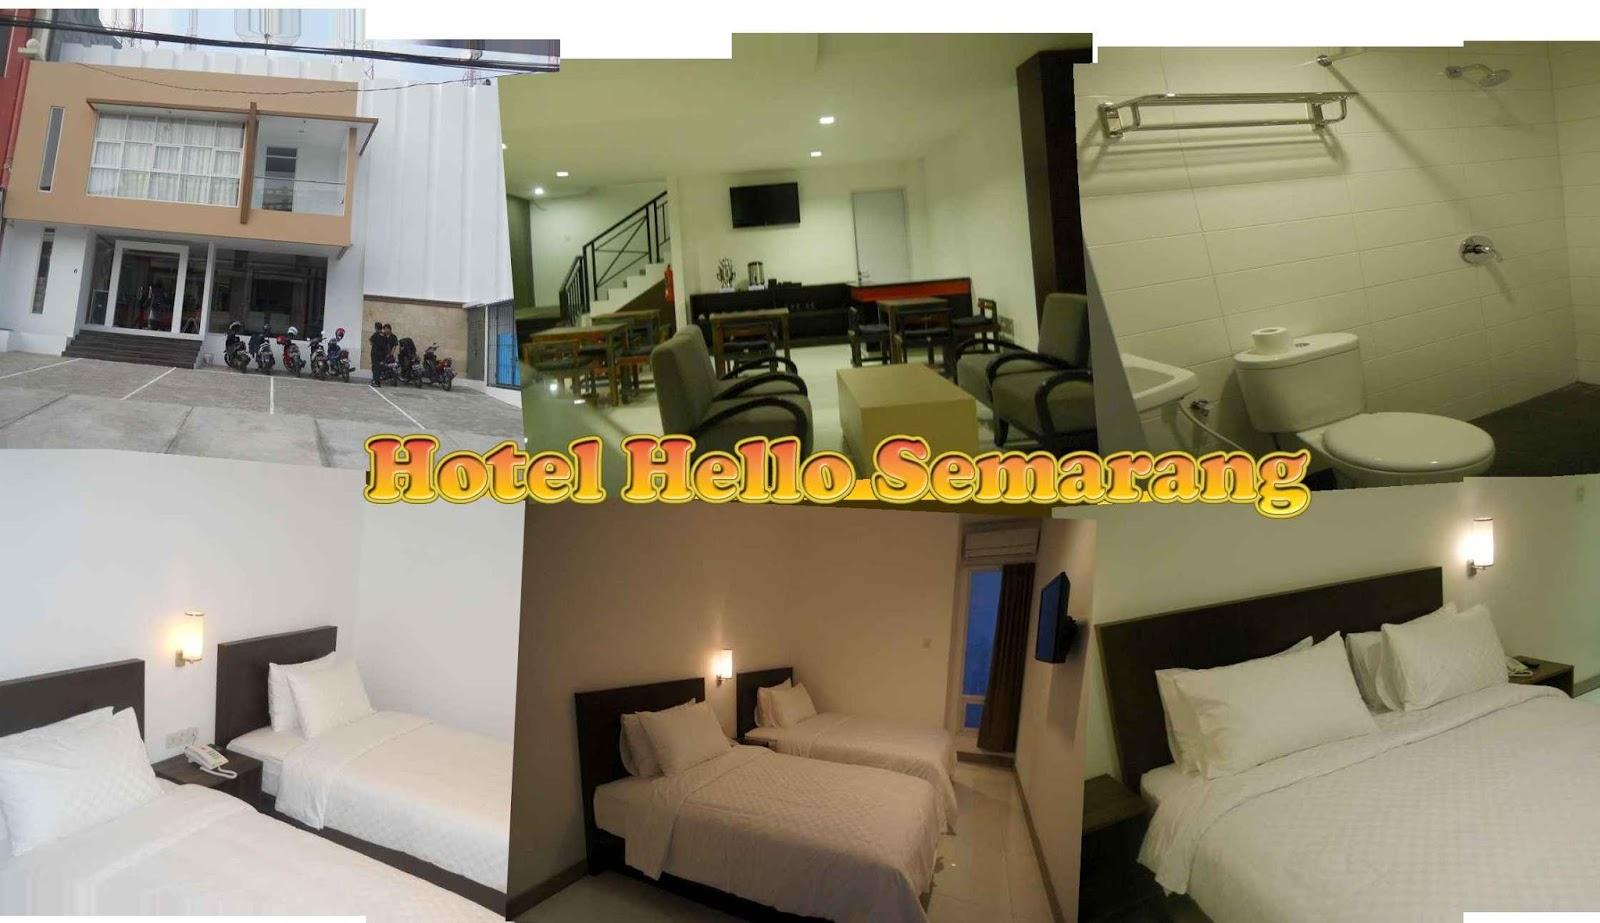 Hello Hotel Semarang Terletak Di Bukit Raya Nomor 6 Gombel Ngesrep Ungaran Lokasi Ini Cukup Mudah Dijangkau Selain Memiliki Yang